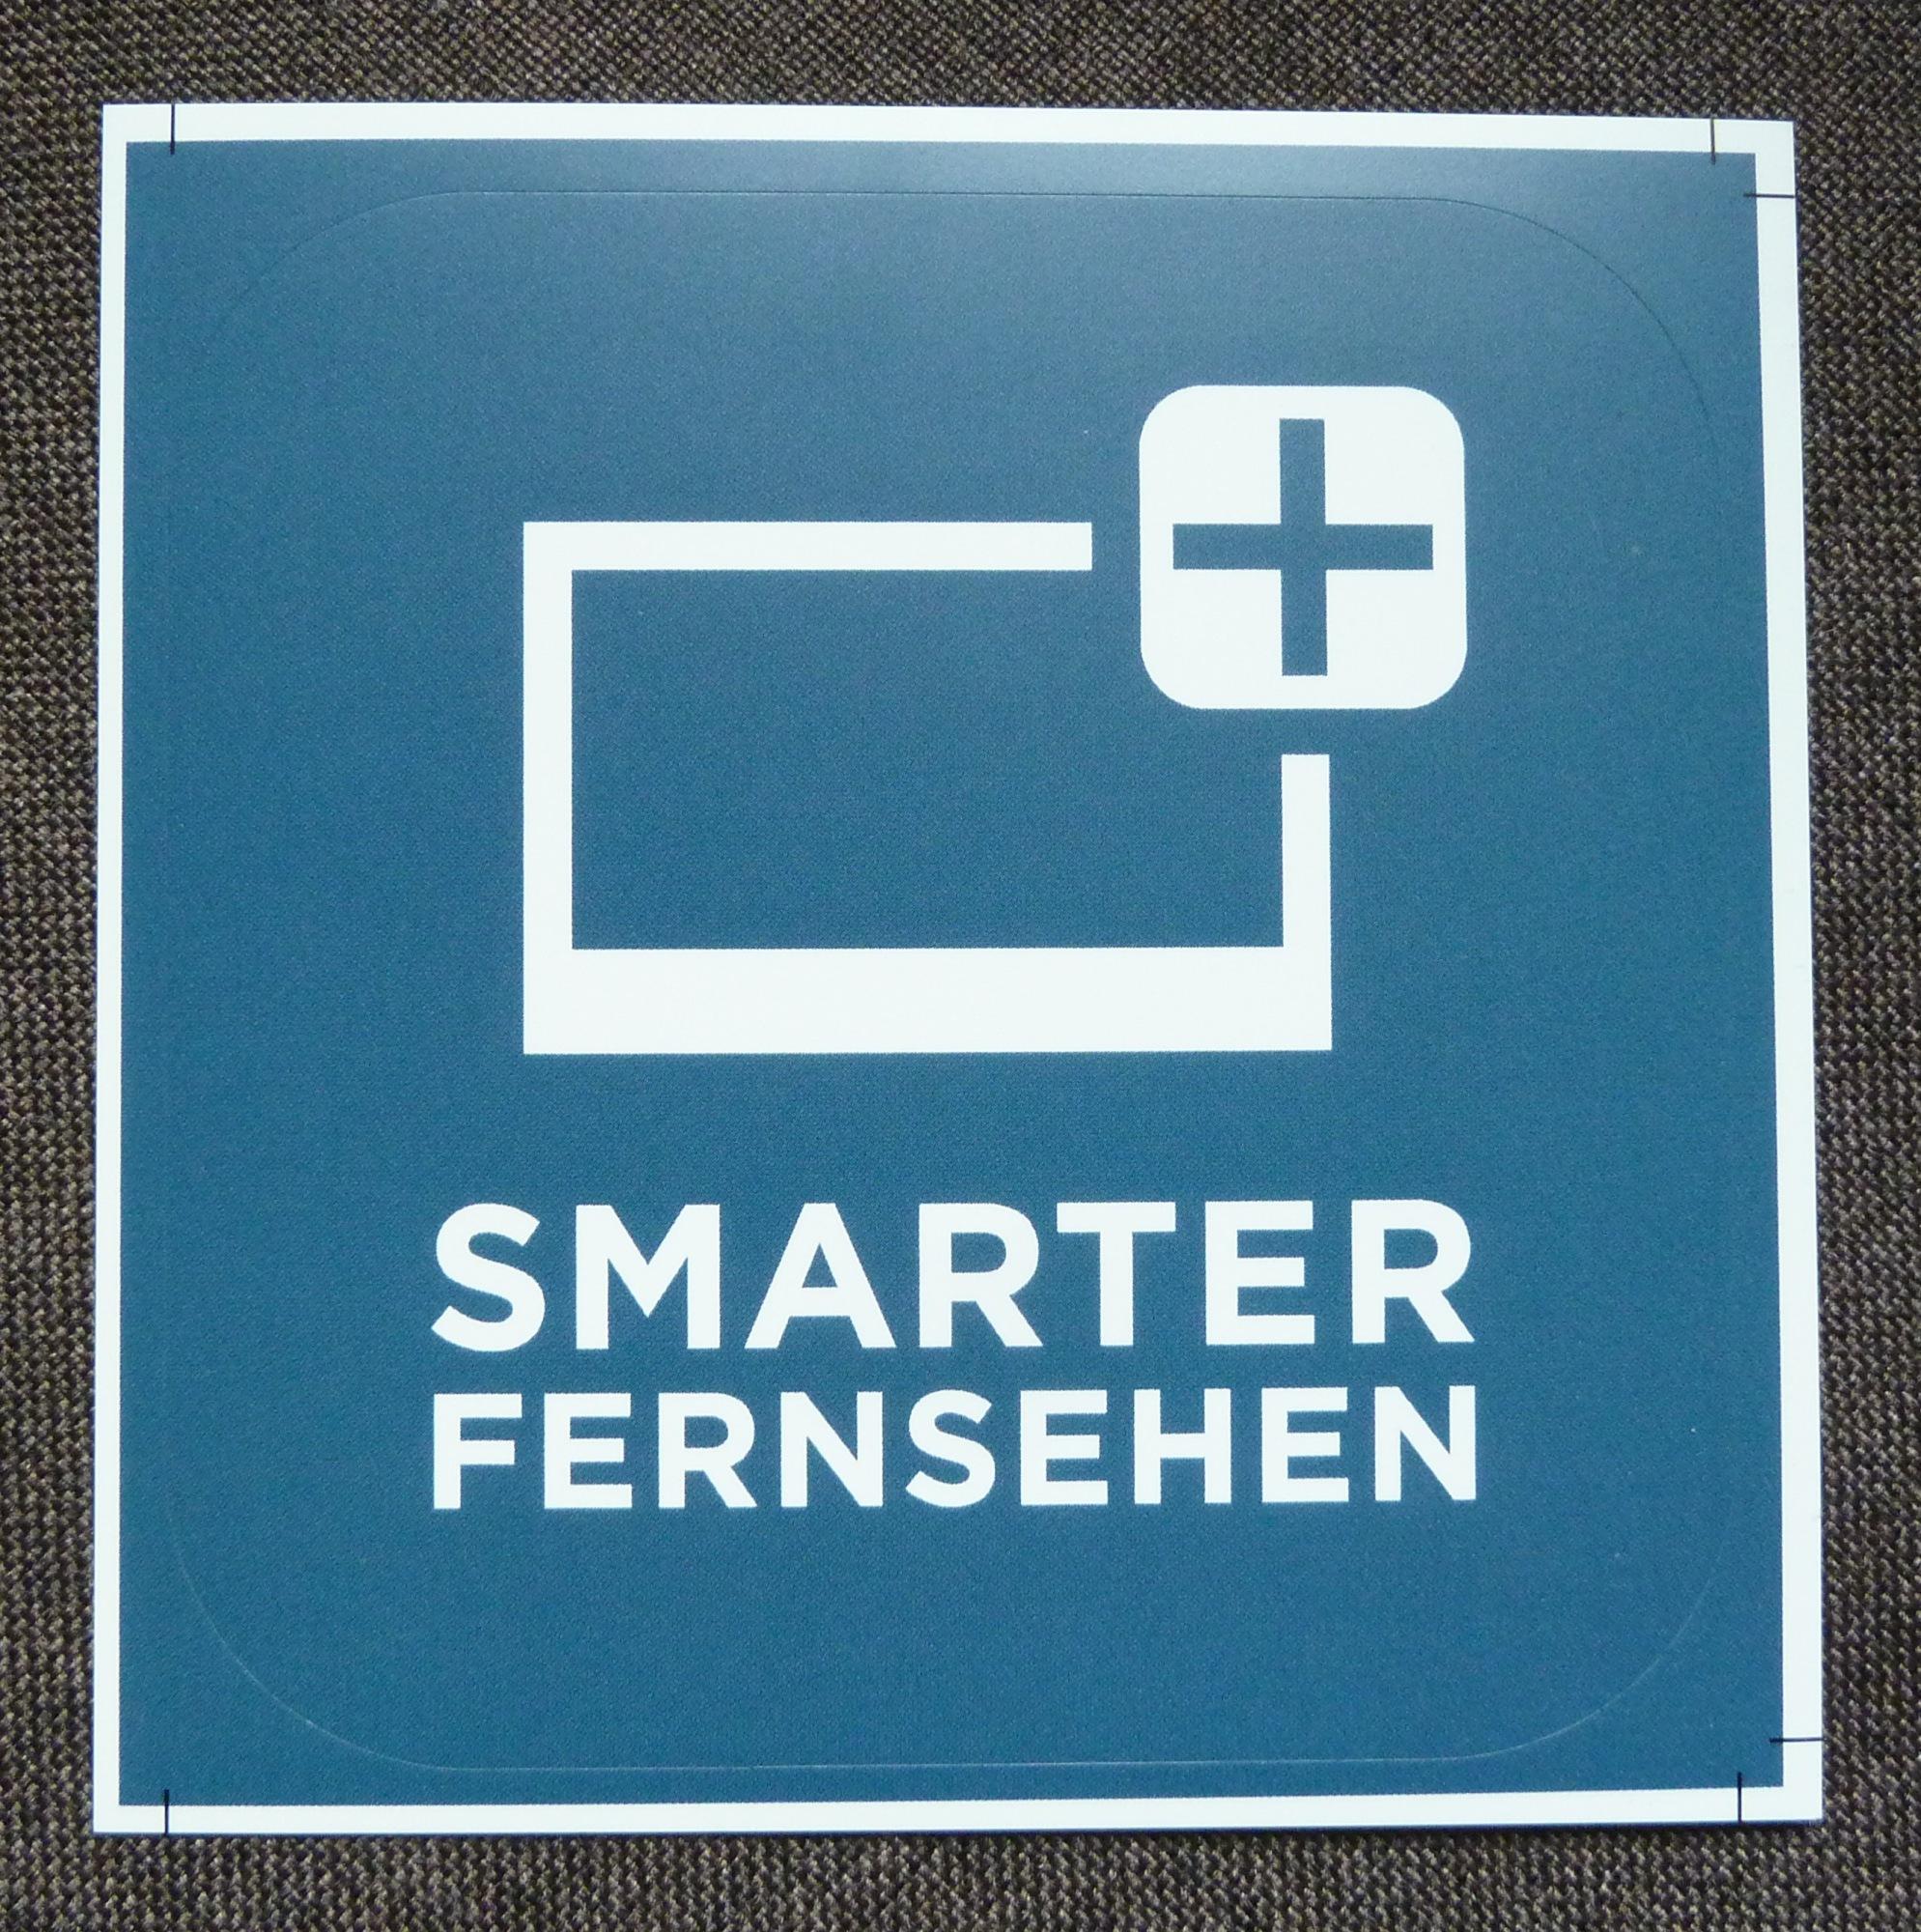 initiative will smart tvs in deutschland popul rer machen heise online. Black Bedroom Furniture Sets. Home Design Ideas